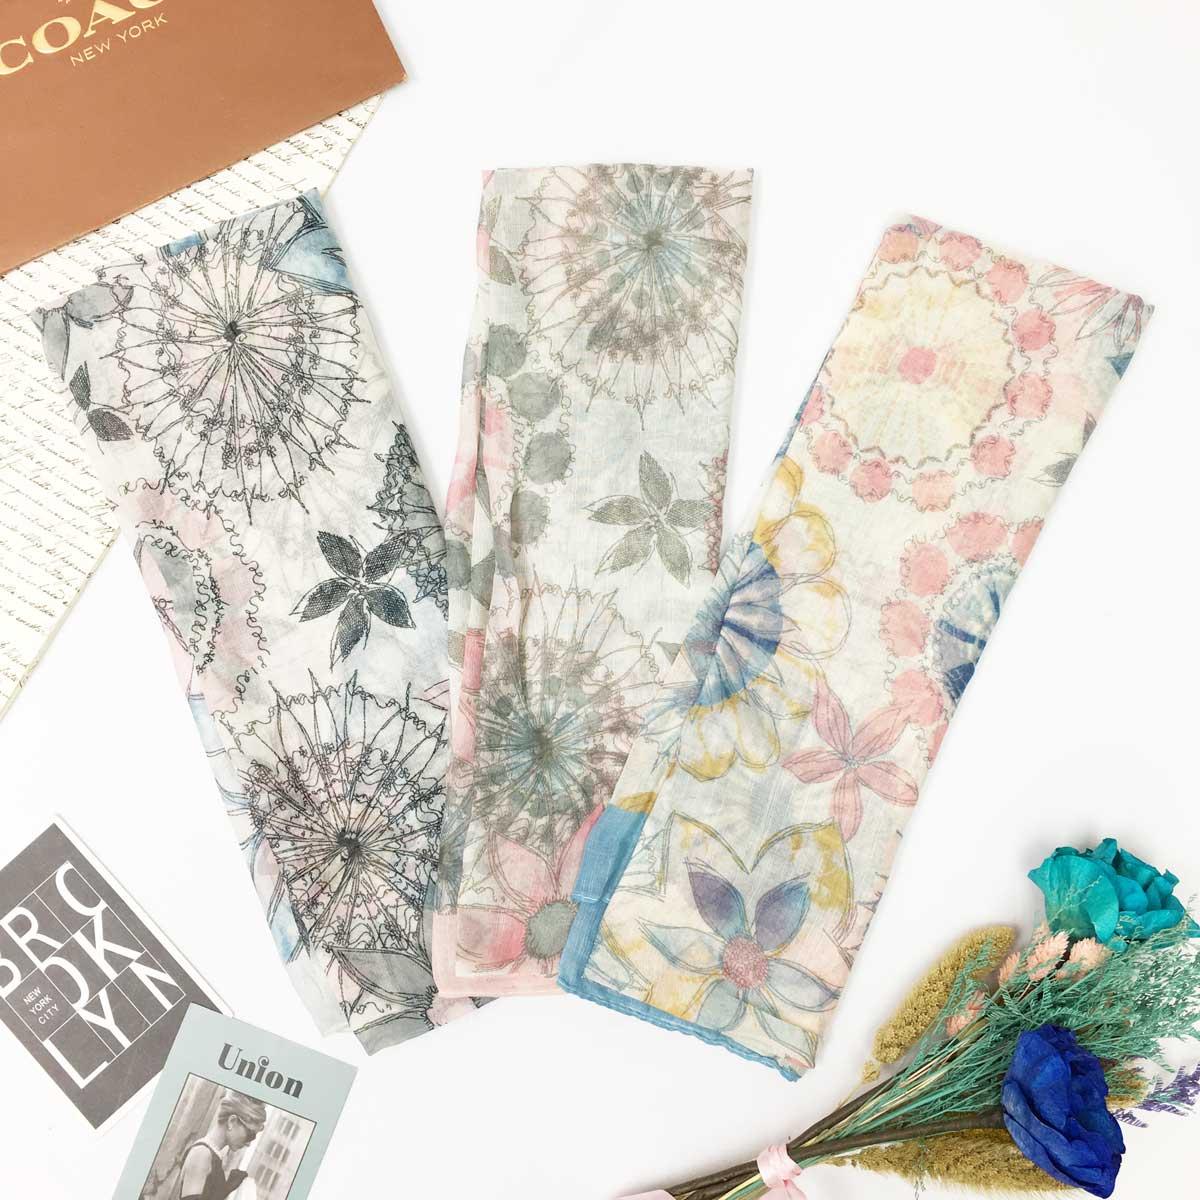 絲巾 花朵 綜合 混搭 印花 渲染感 薄圍巾 方巾 雪紡 三色